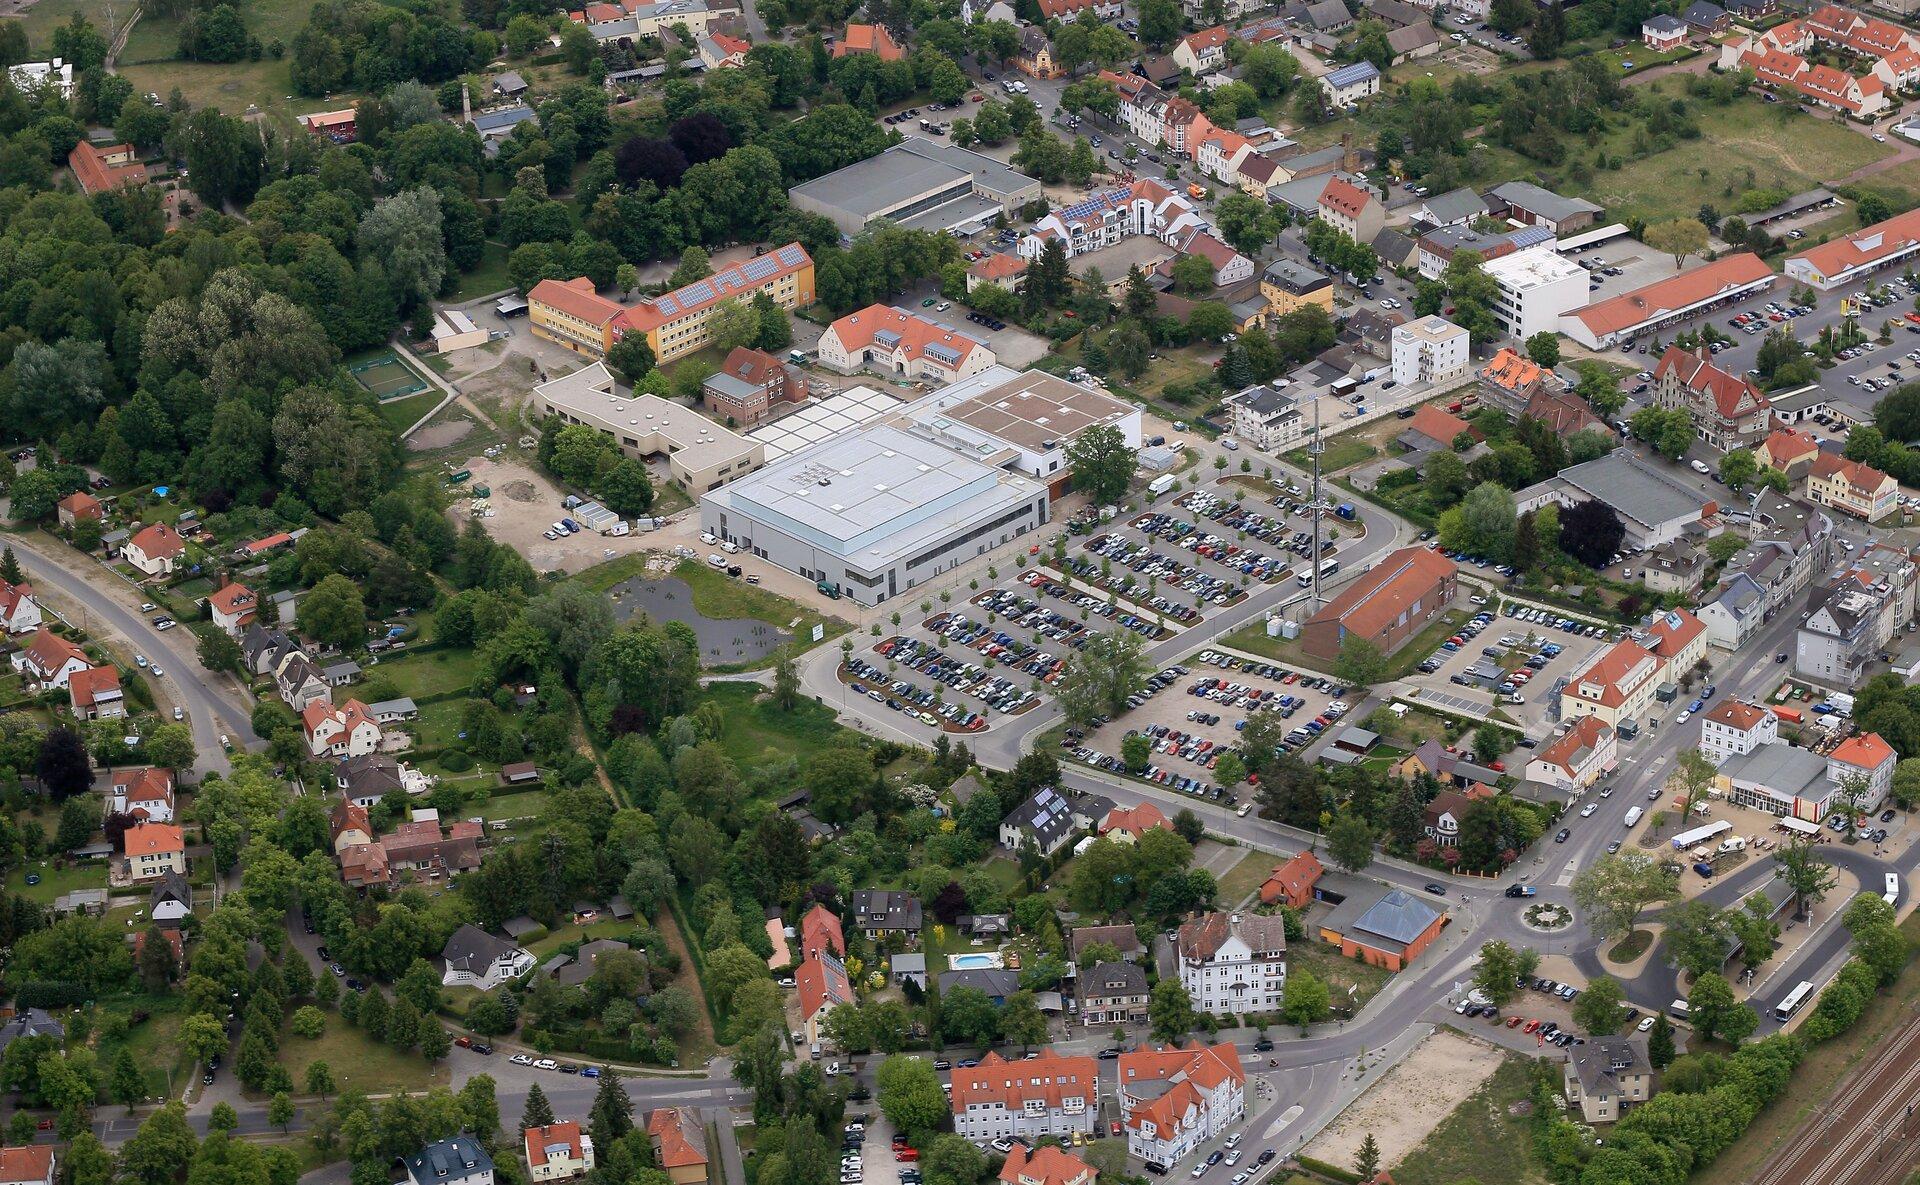 Luftaufnahme des Zentrums von Falkensee